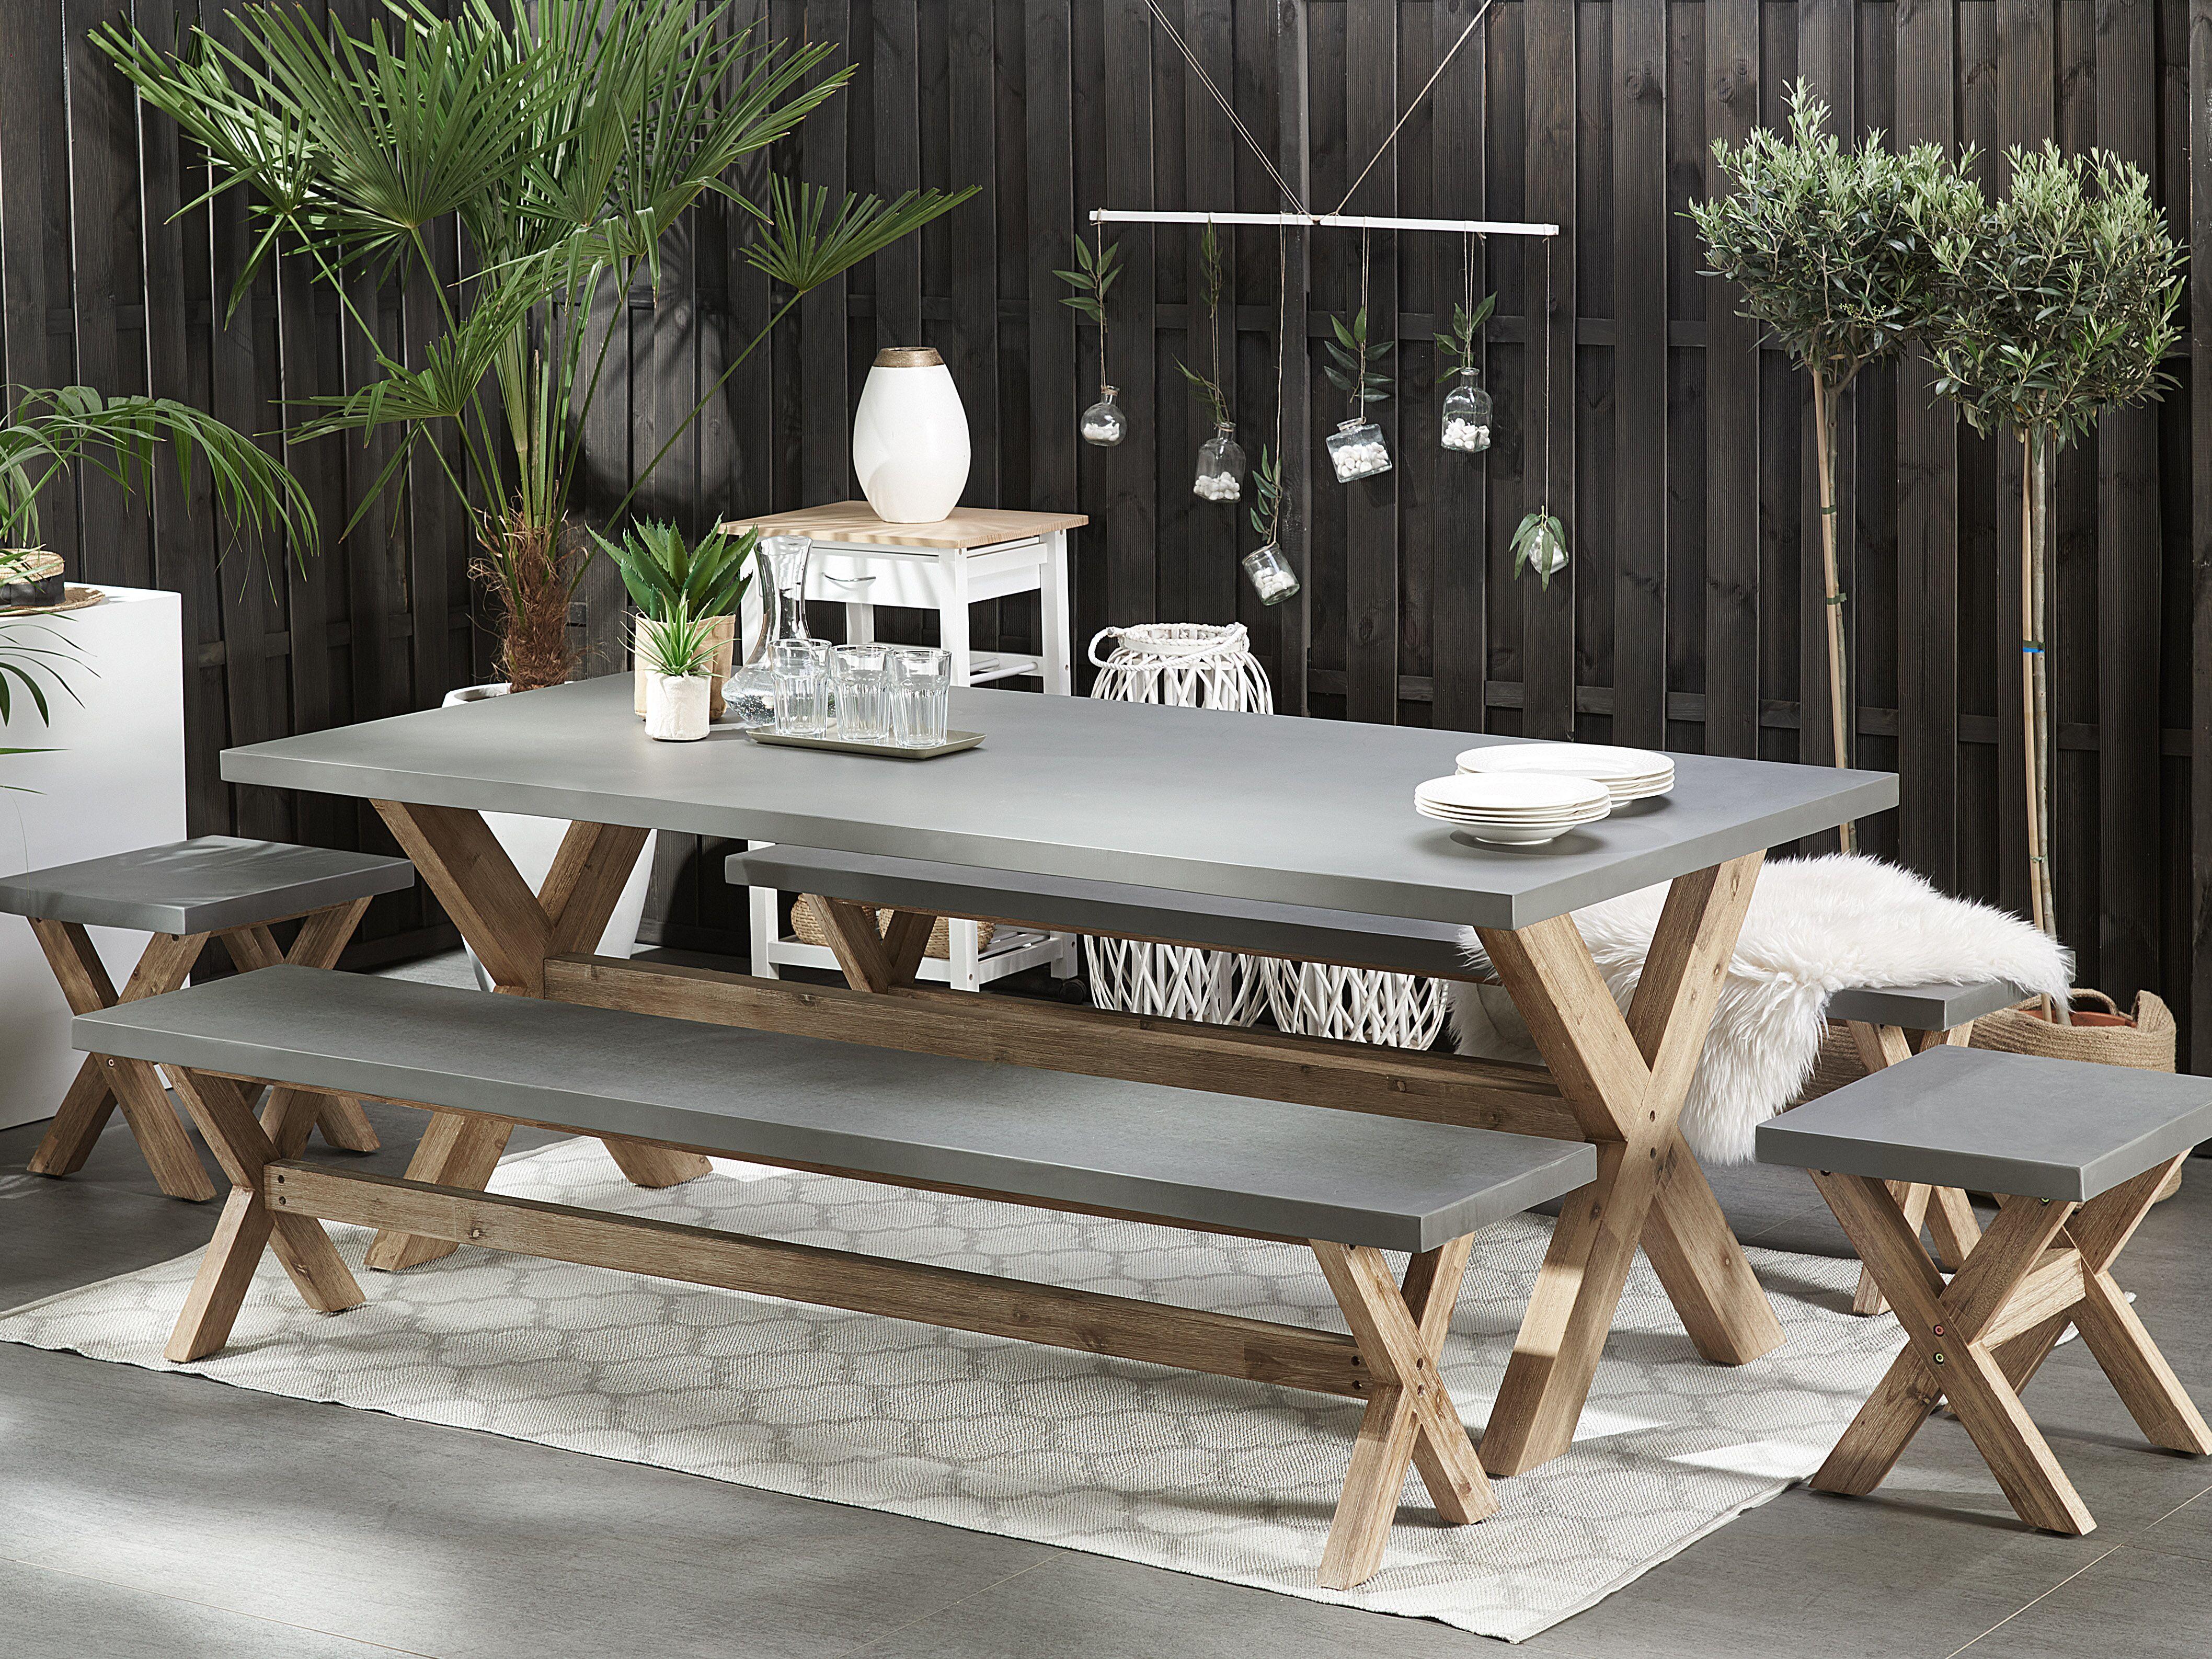 Tavolo Da Giardino Grigio In Finto Cemento 200 X 100 Cm Olbia Beliani It